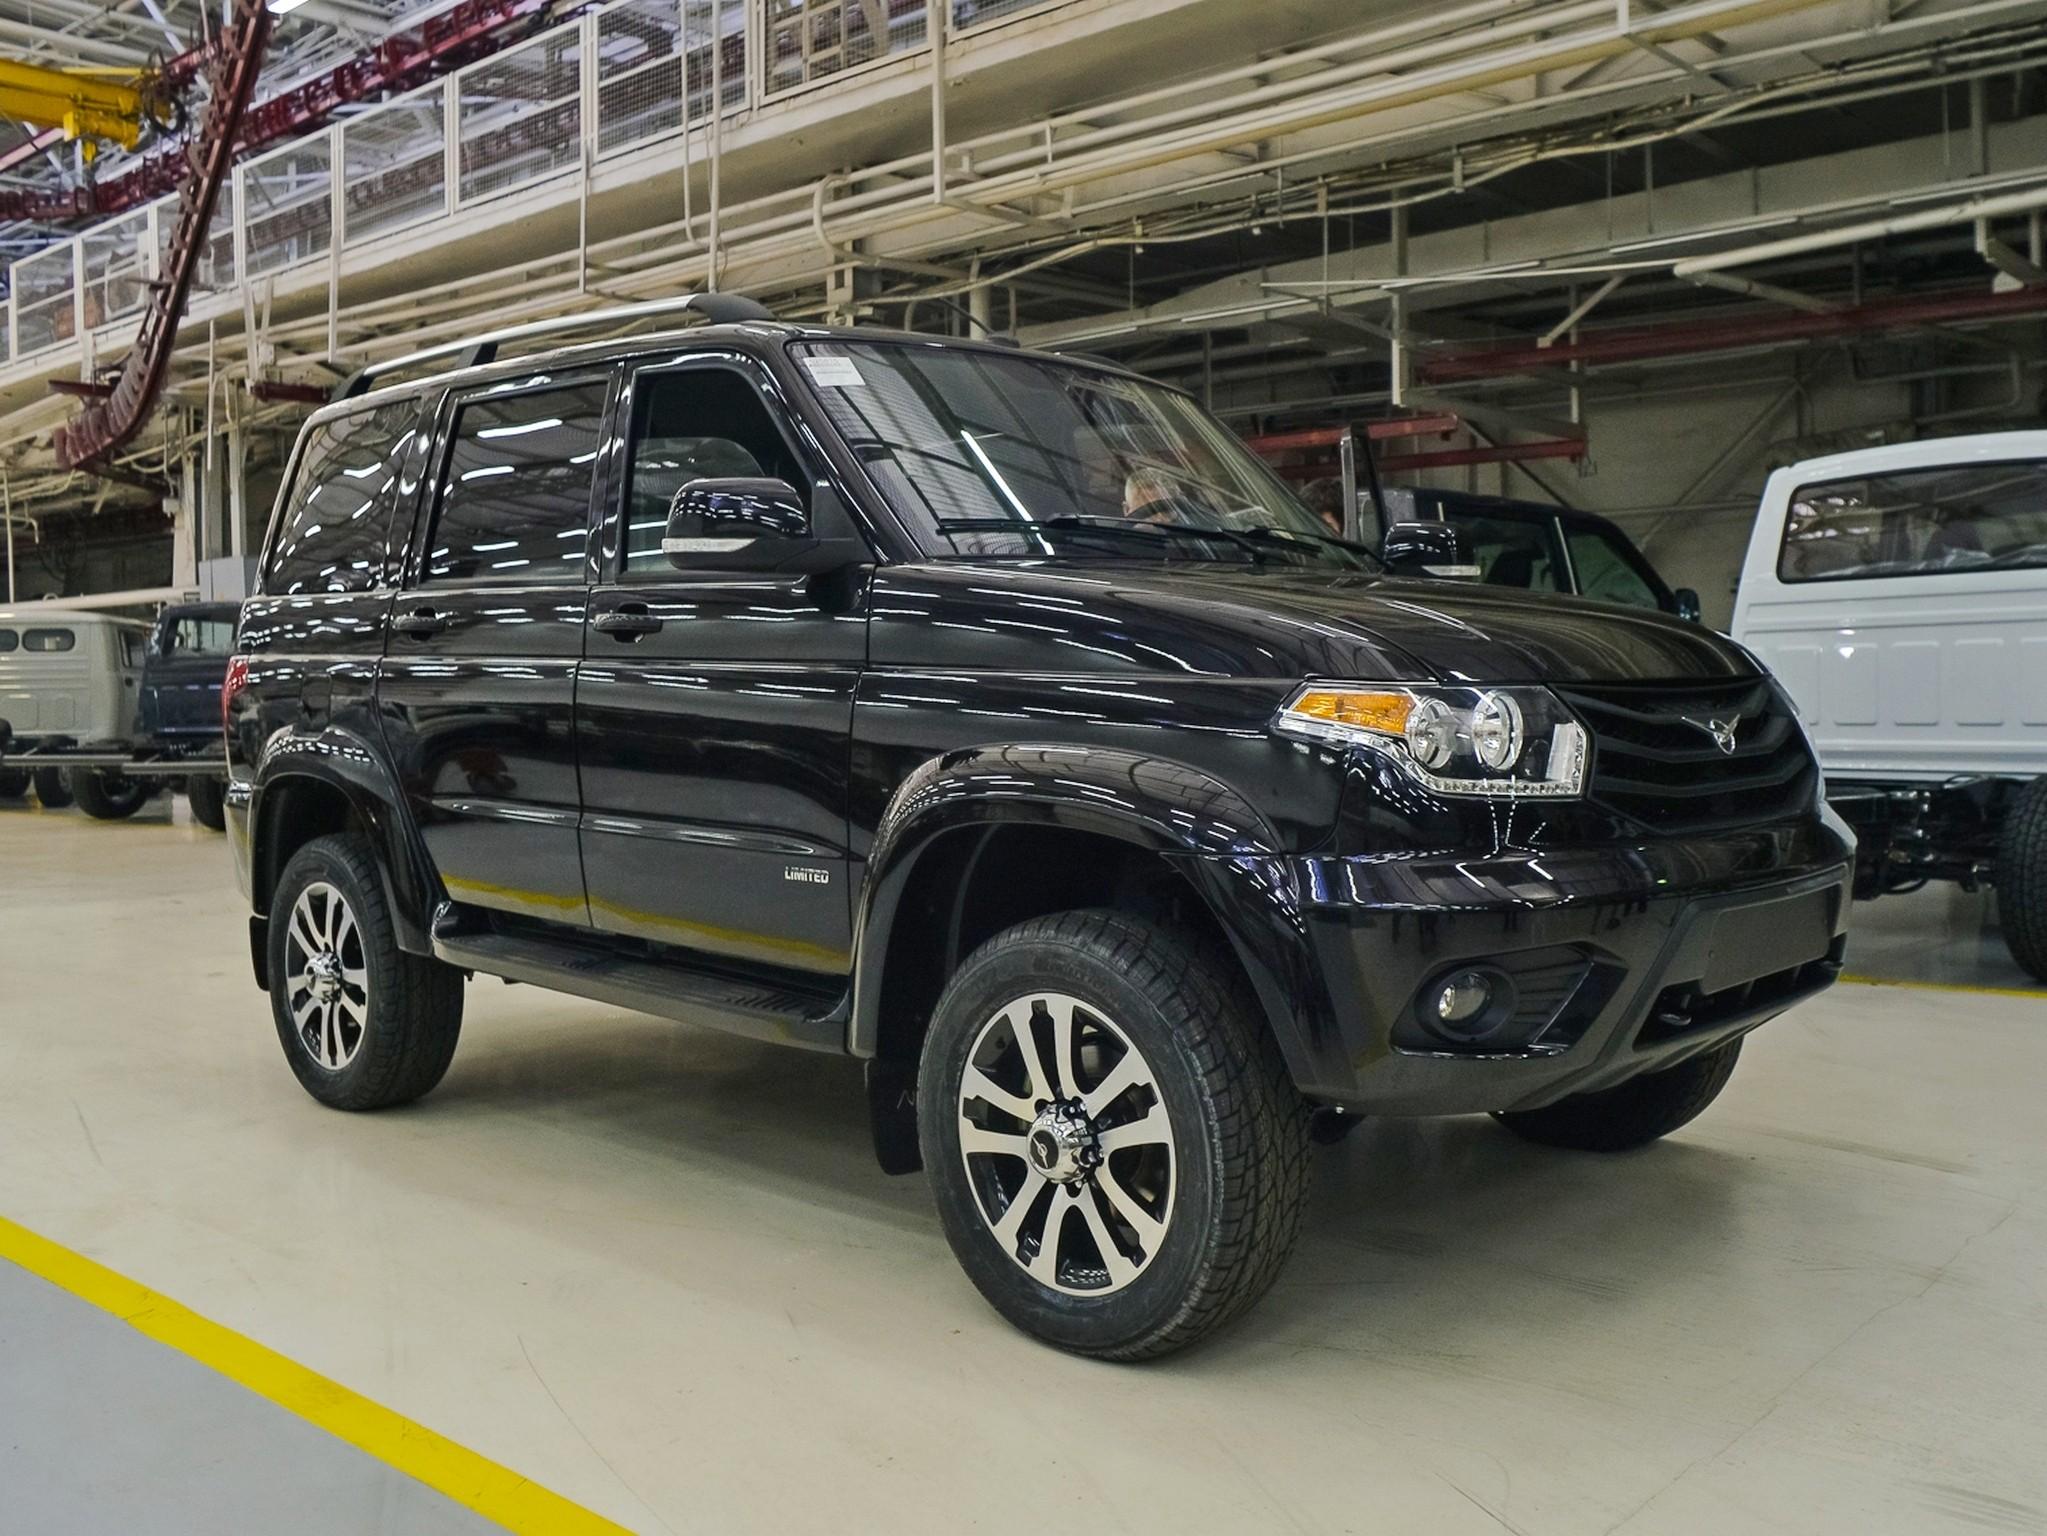 Цена уаз патриот 2017 модельного года в новом кузове